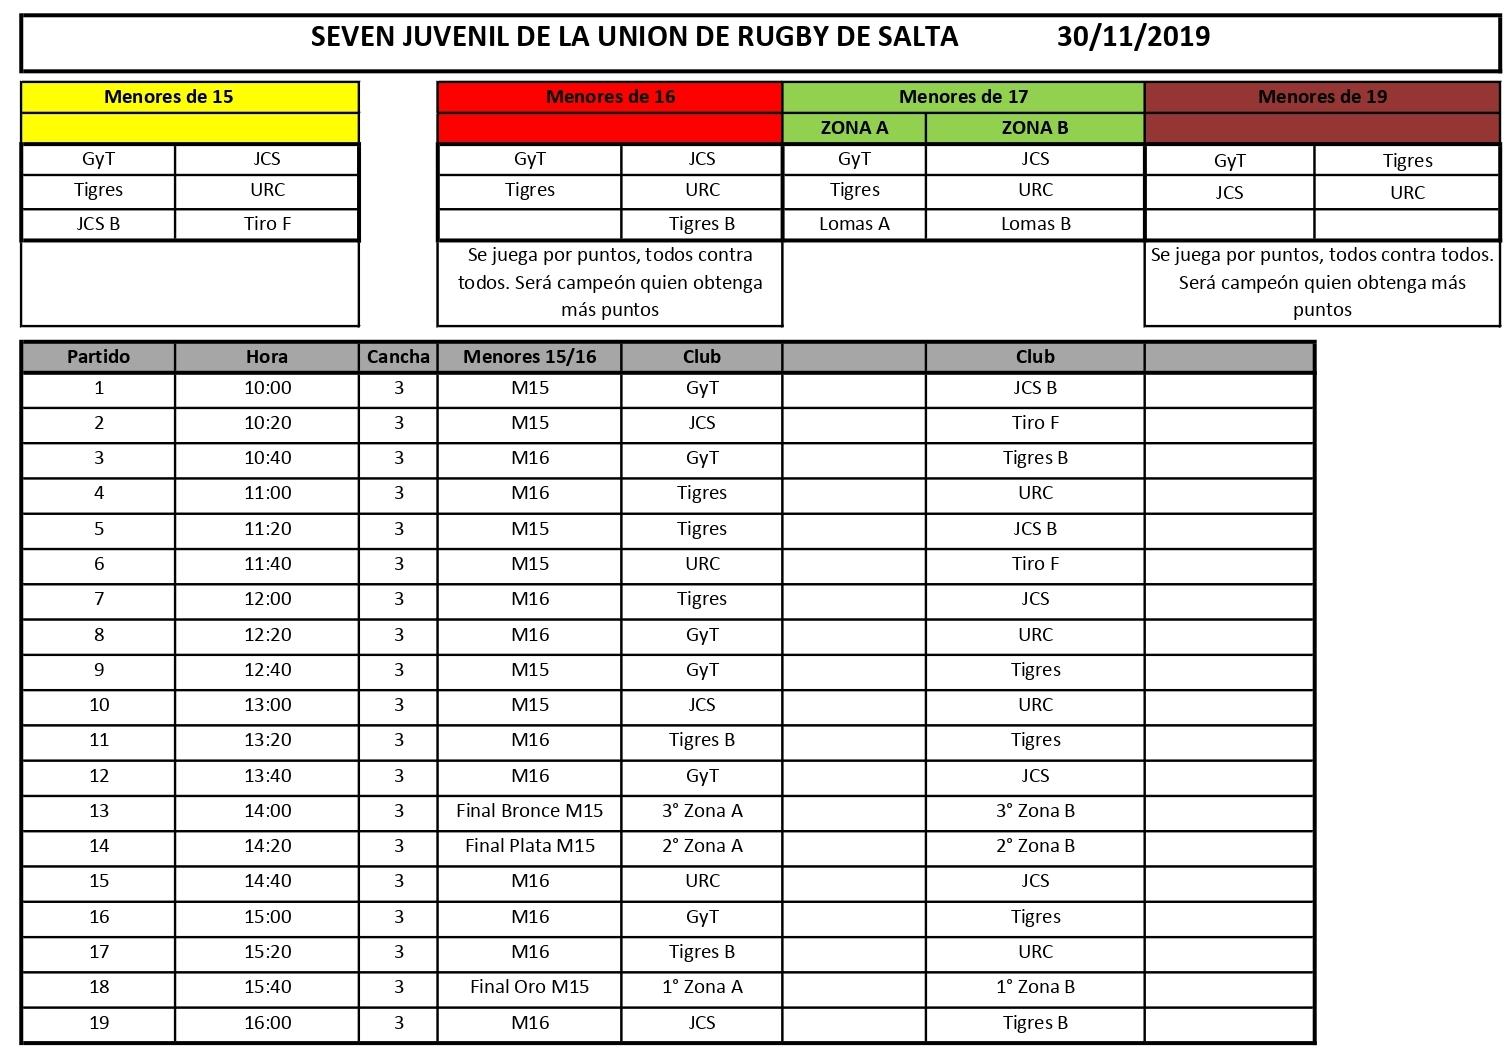 Fixture del Seven Juvenil de la Unión de Rugby de Salta